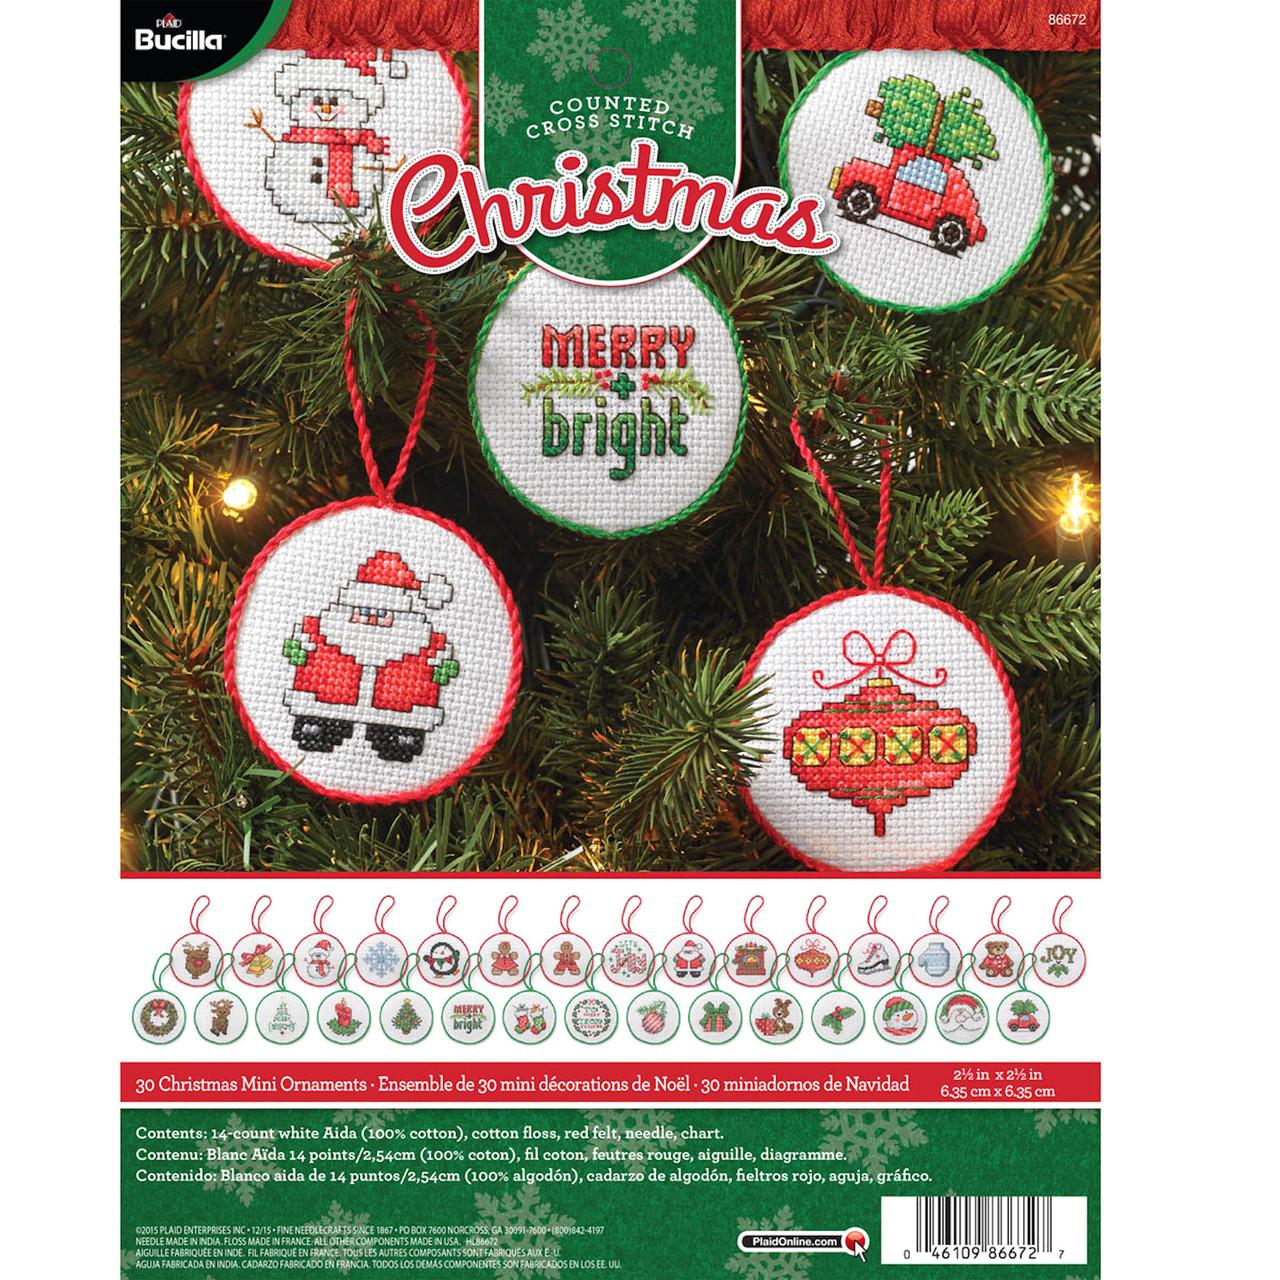 Bucilla Christmas Tiny Stockings Tree Ornament Kit 84293 Makes 30